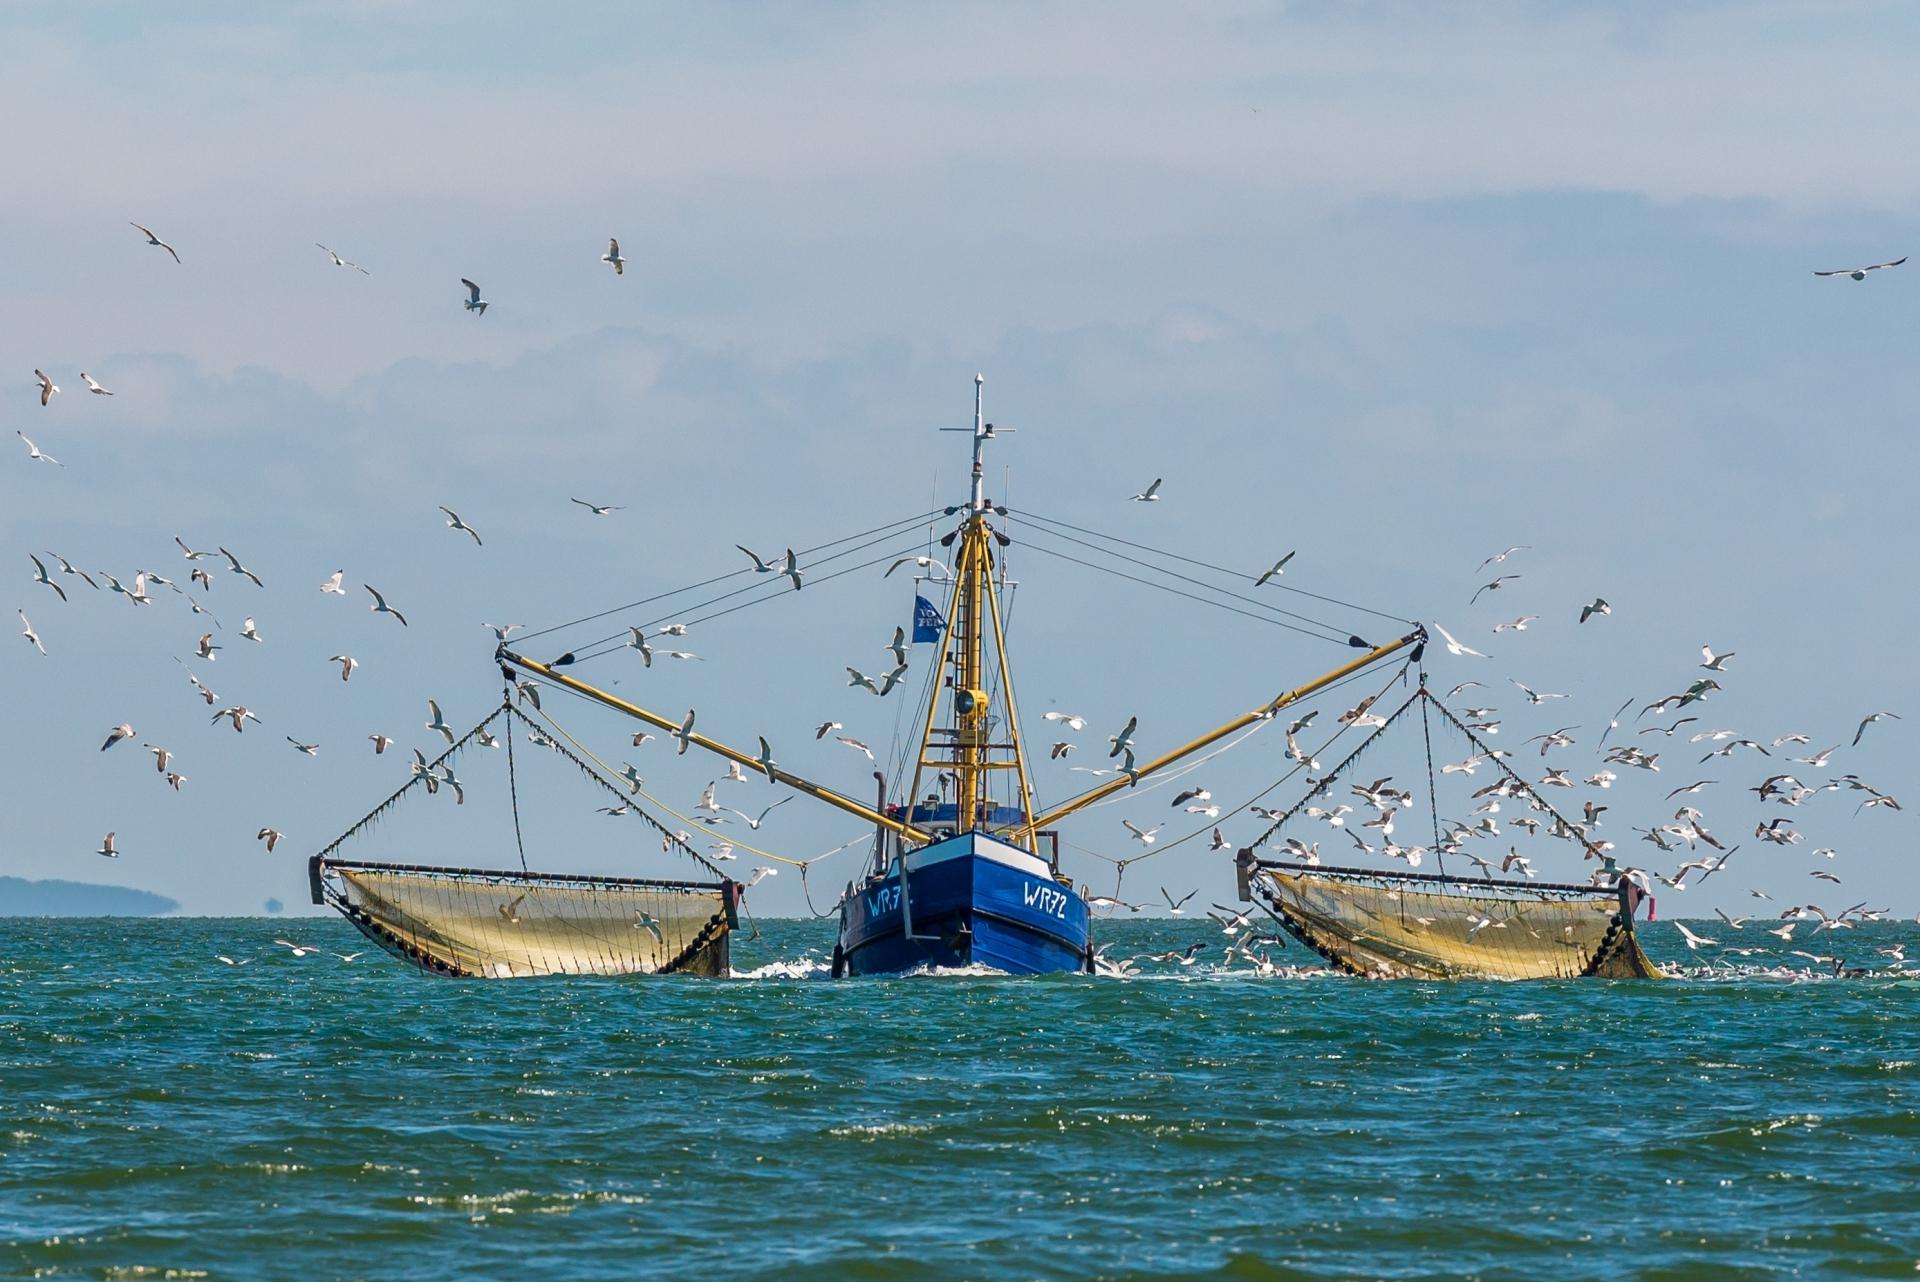 Kotter op zee vis vangen VVV Texel fotograaf Justin Sinner